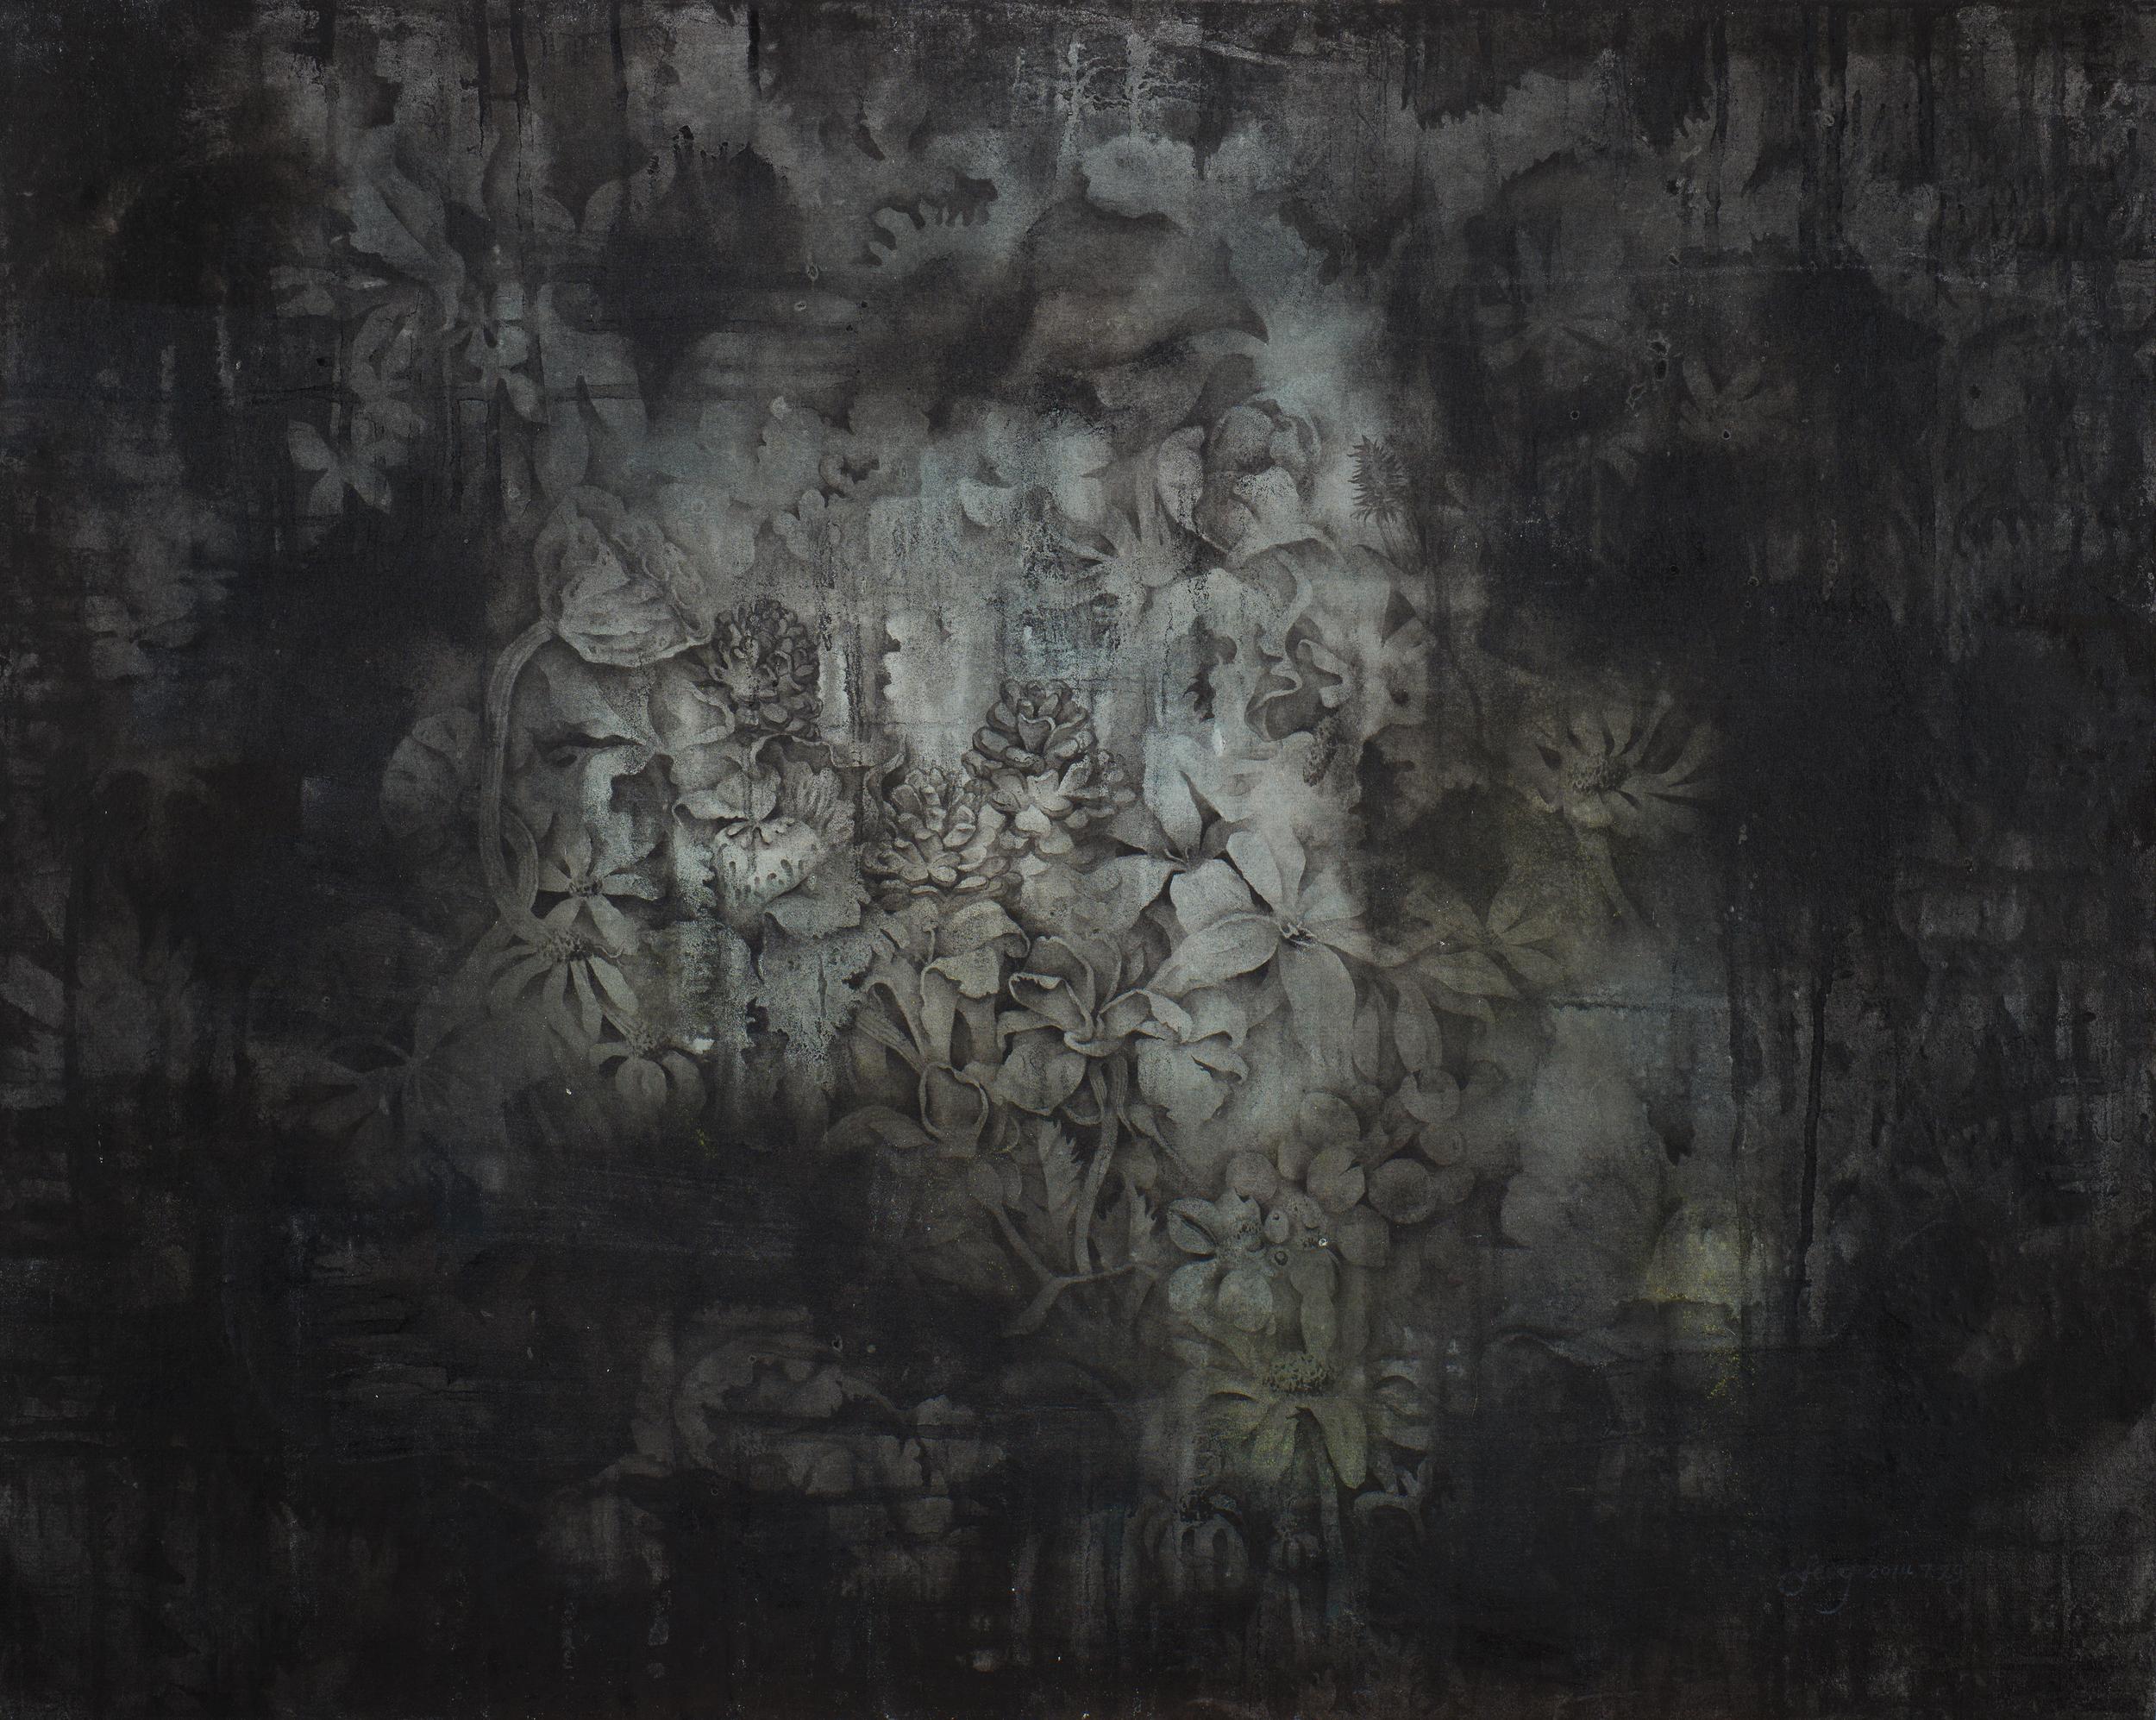 夜中綻放  72.5x91 cm  2014  複合媒材